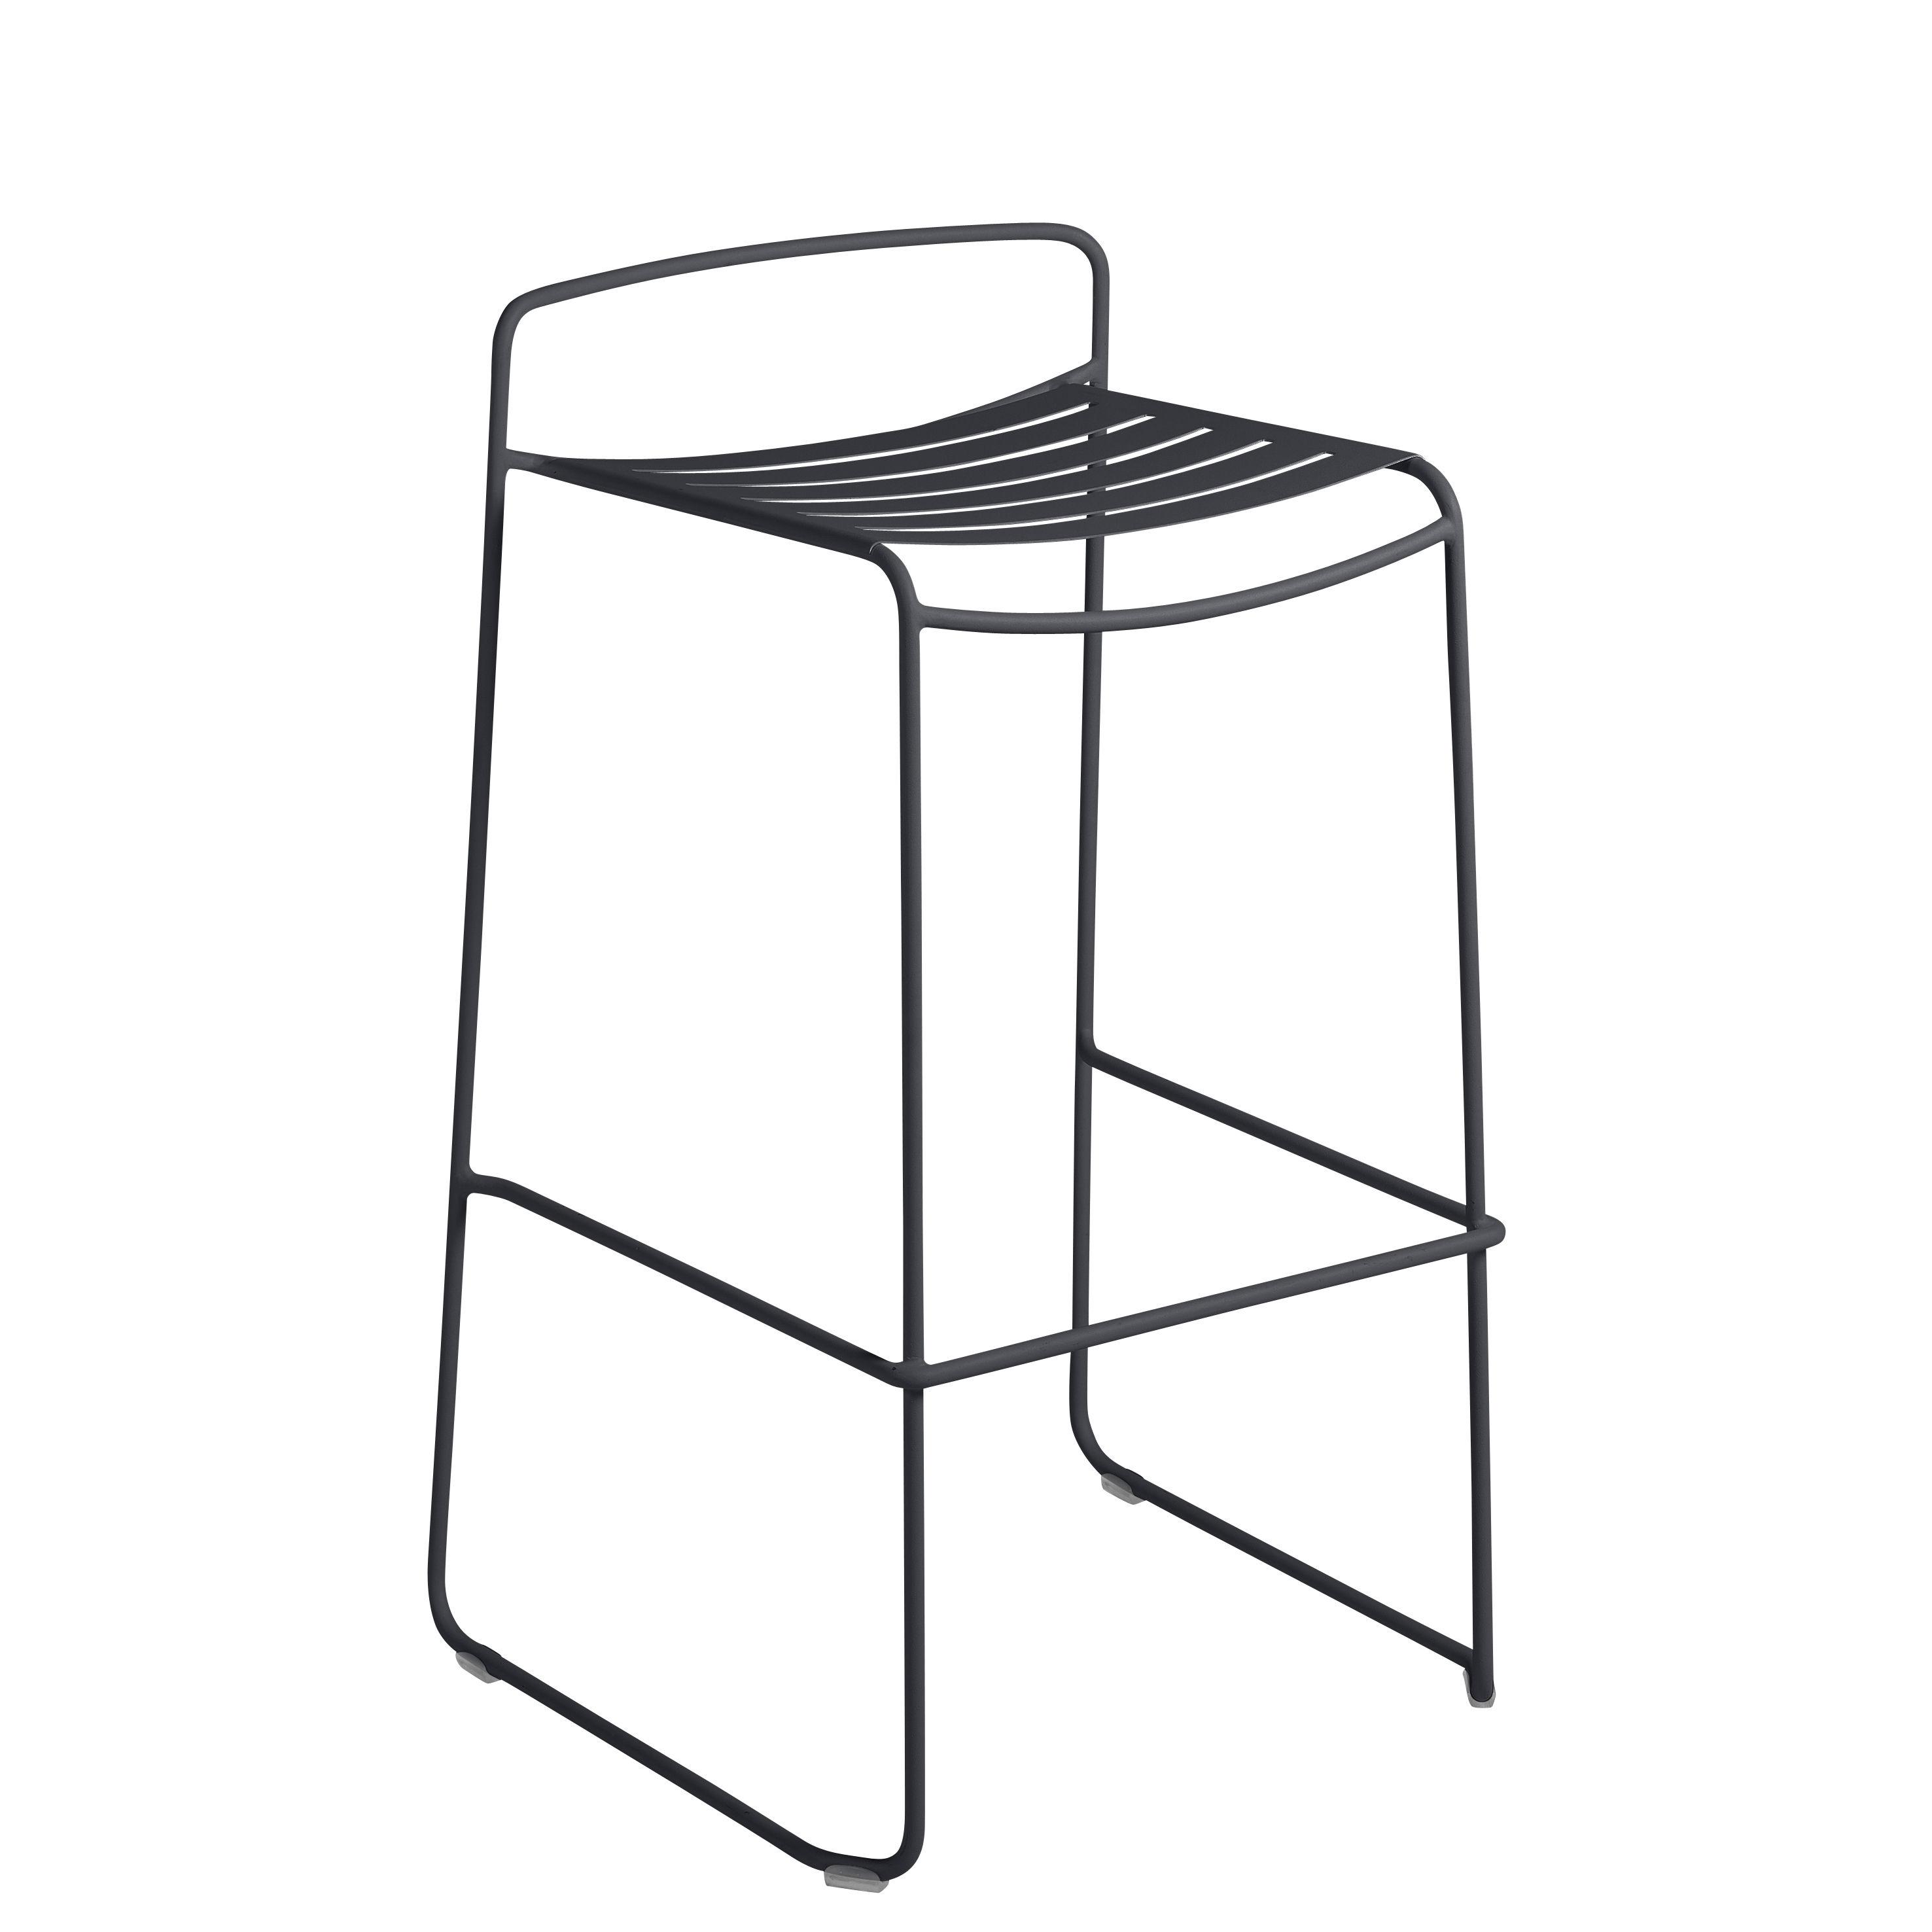 Möbel - Barhocker - Surprising Barhocker / Metall - H 78 cm - Fermob - Anthrazit - bemalter Stahl